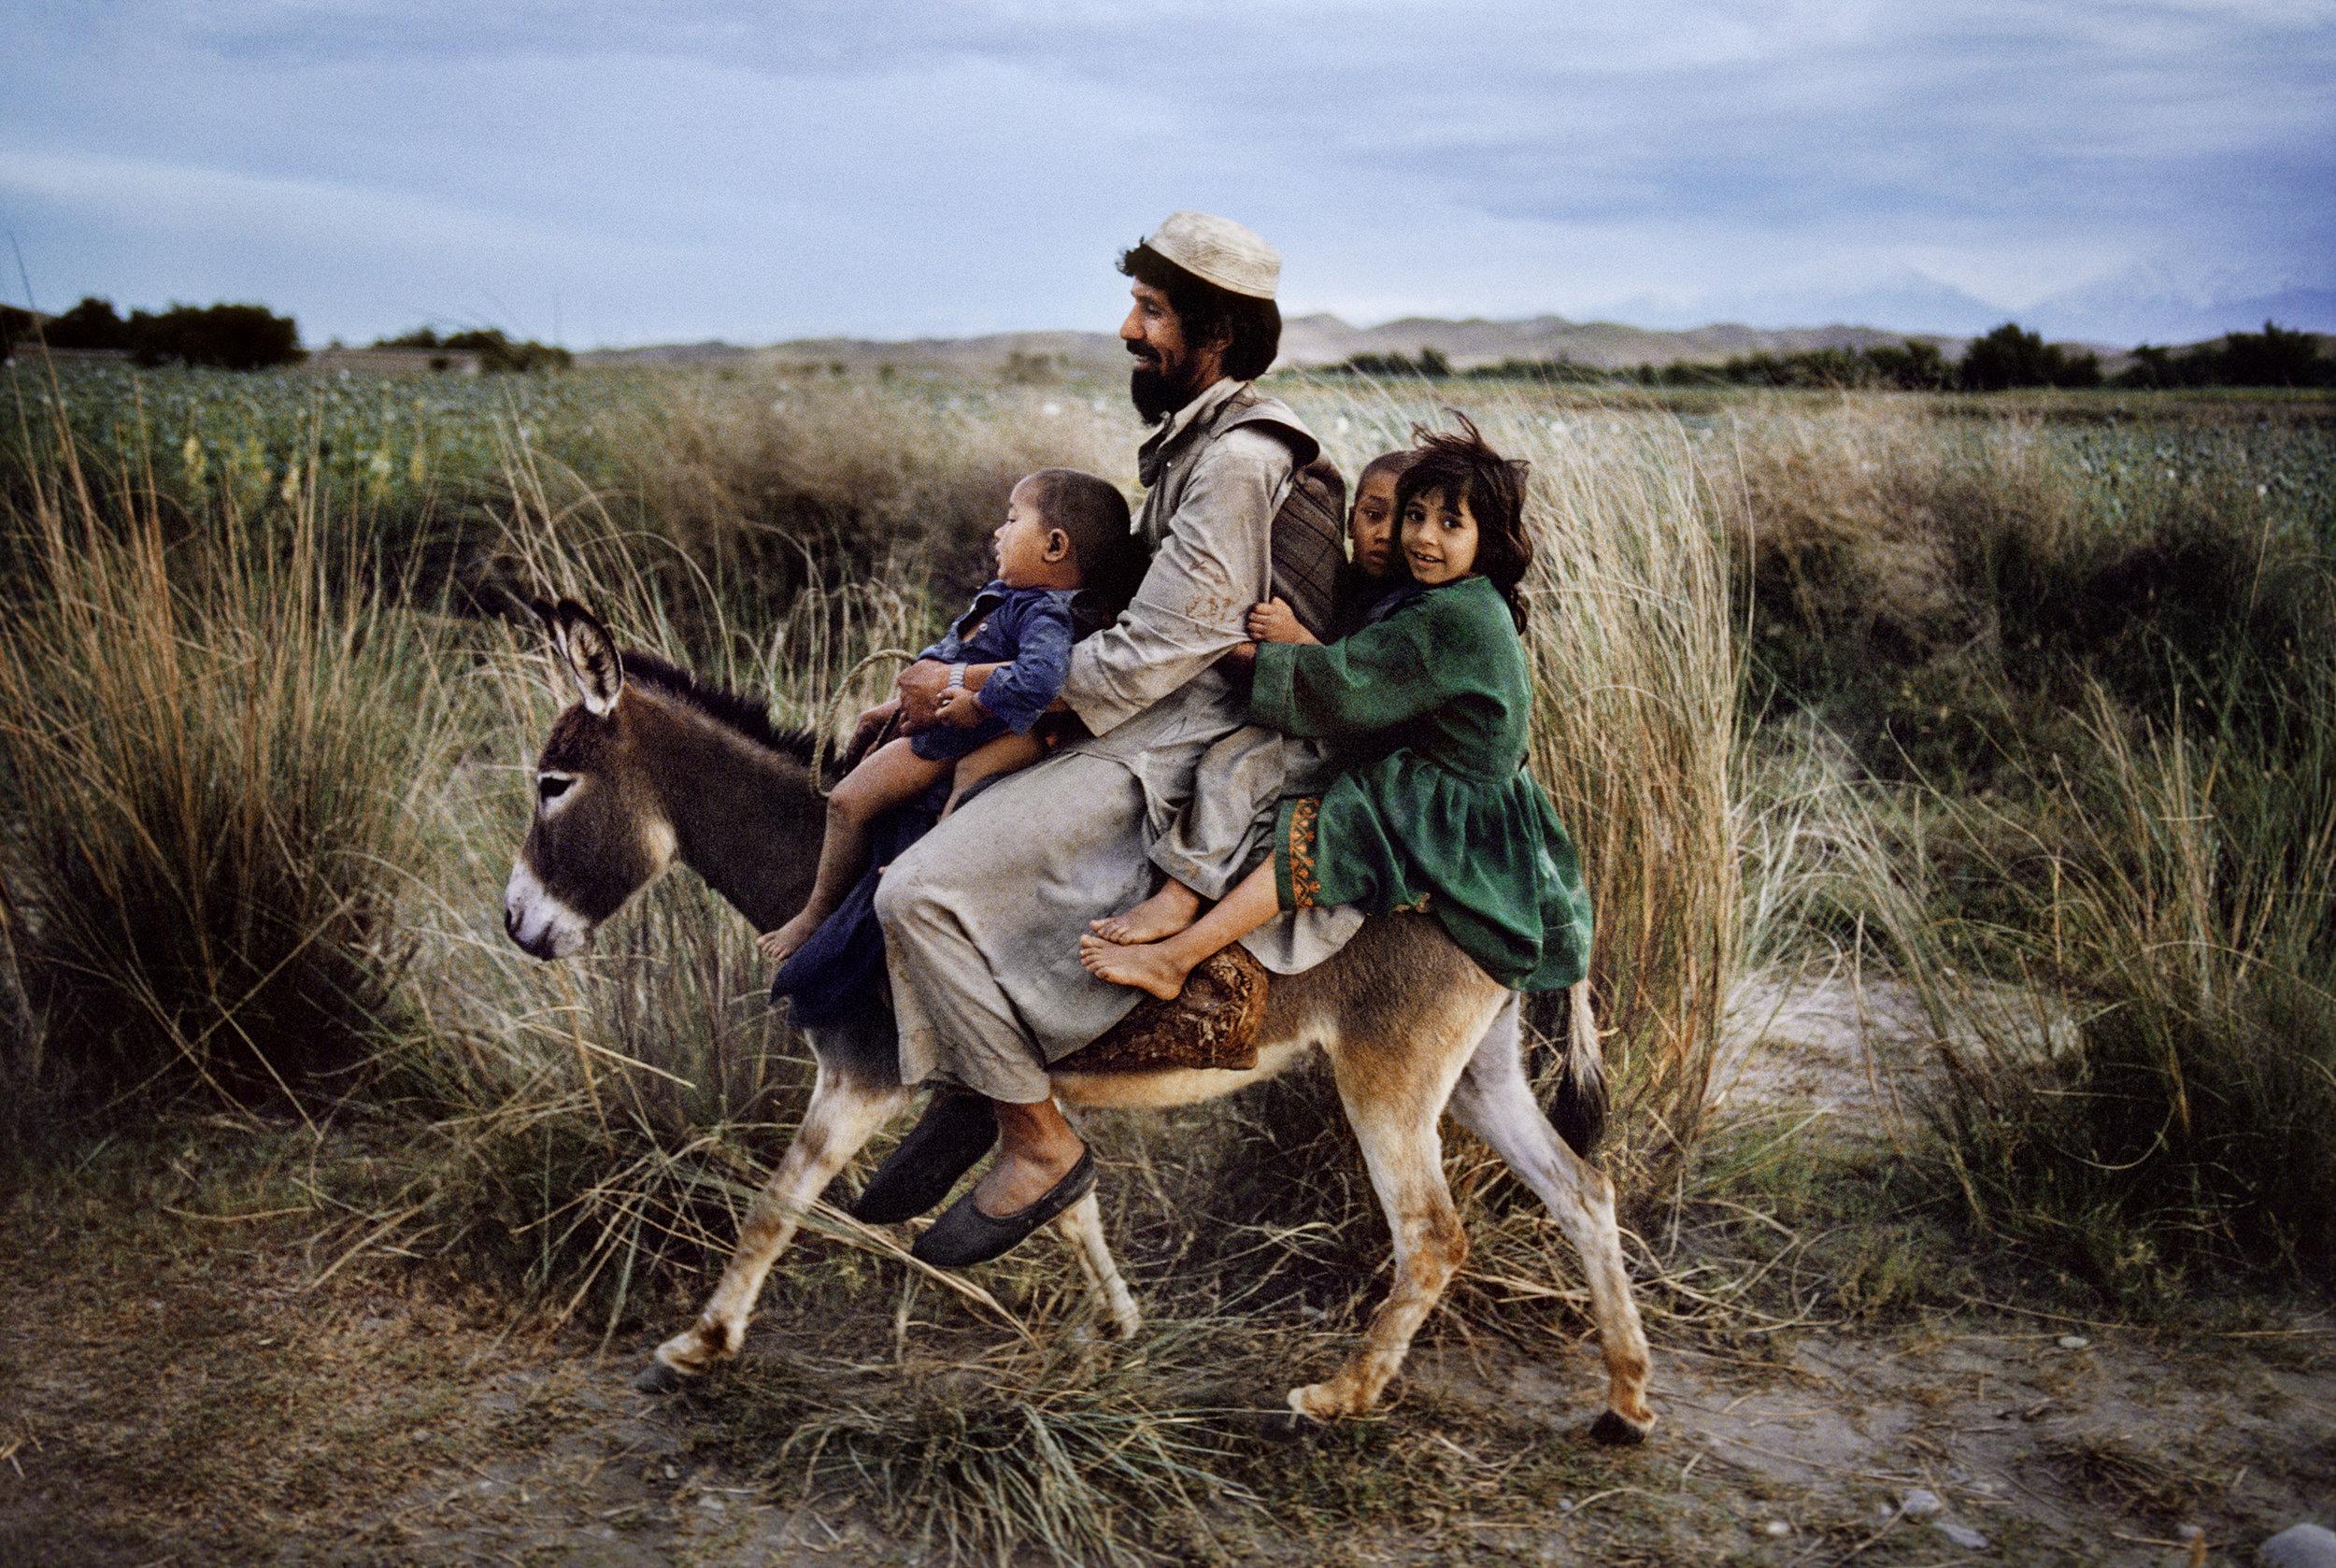 Steve McCurry, Maimana, Afghanistan, 2003 - Copyright Steve McCurry ©